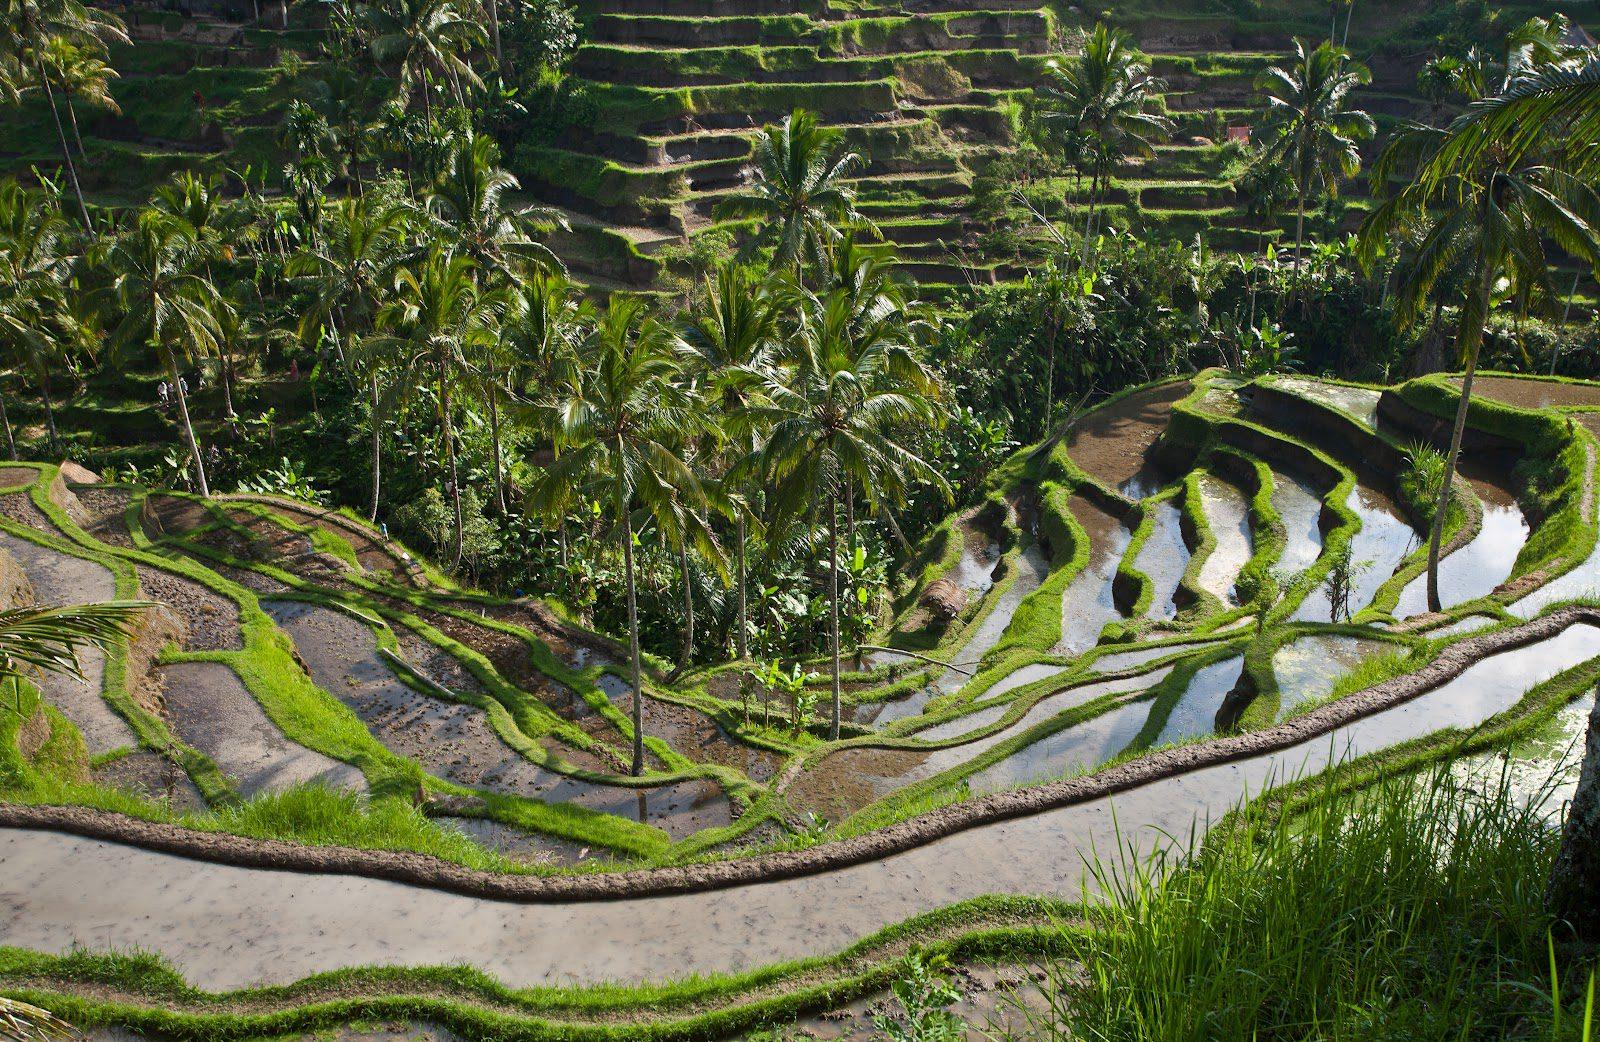 На фото рисовые поля Тегалаланг